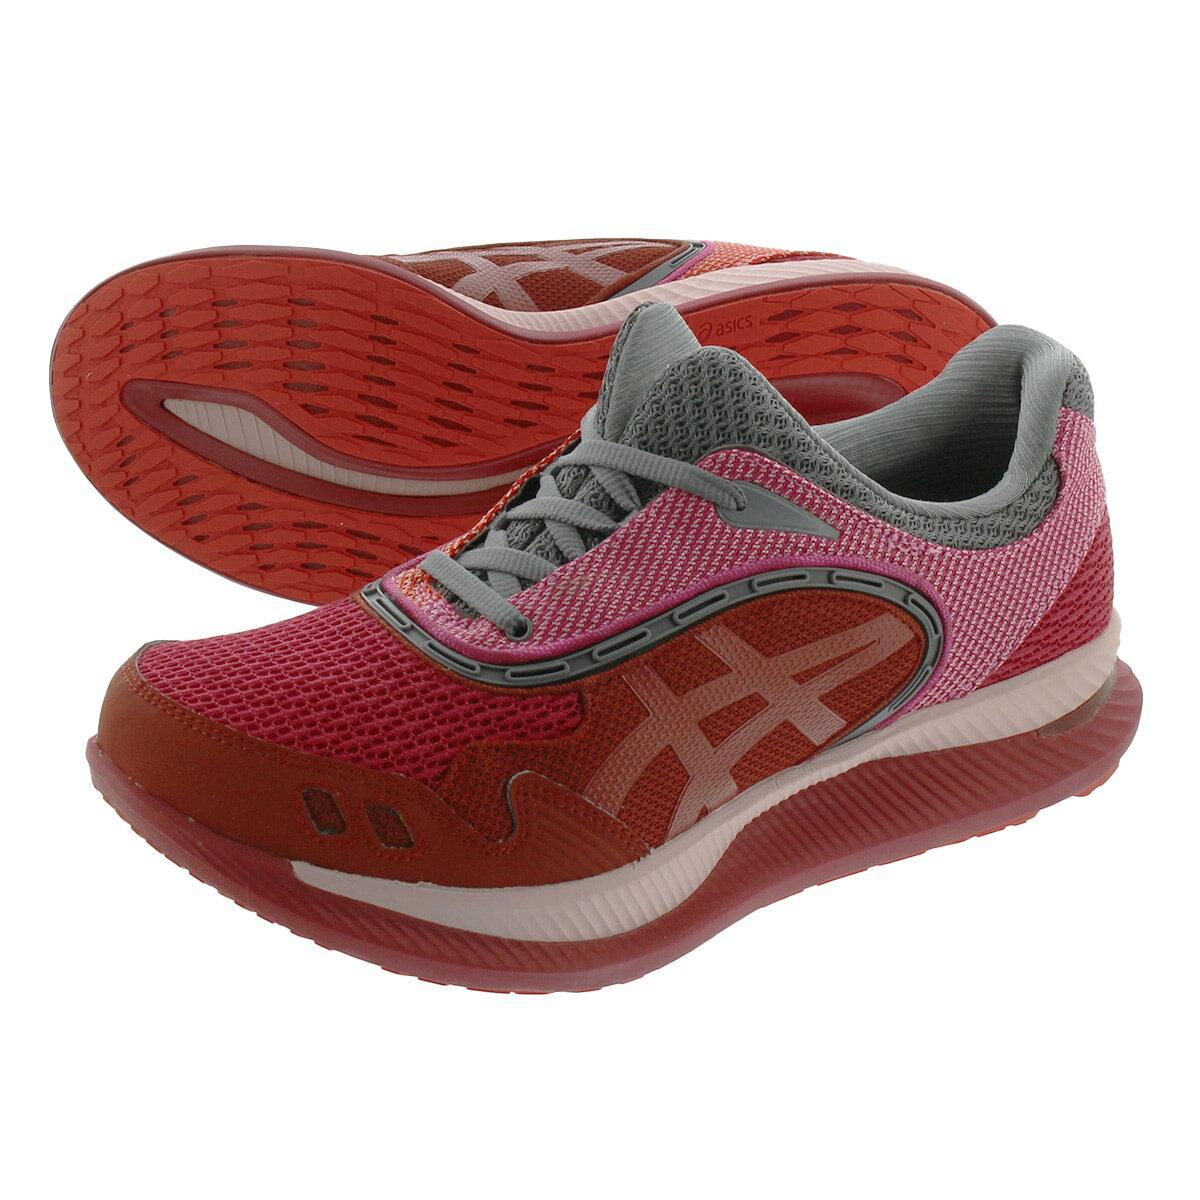 メンズ靴, スニーカー ASICS SPORTSTYLE GEL-GLIDELYTE III KIKO KOSTADINOV 3 RED BUDFIRED BRICK 1202a002-600